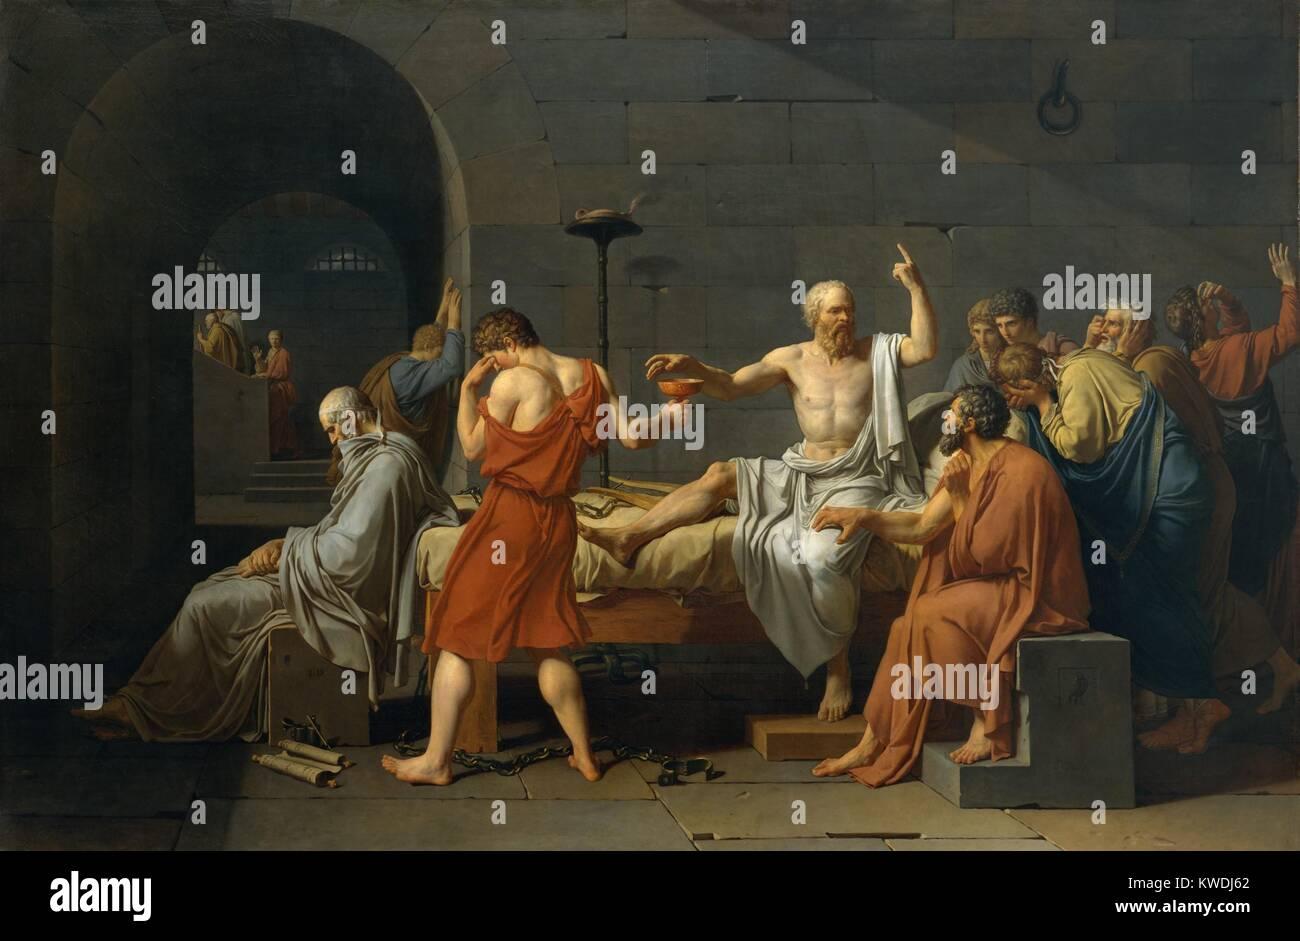 La Credenza In Filosofia : David price immagini fotos stock alamy